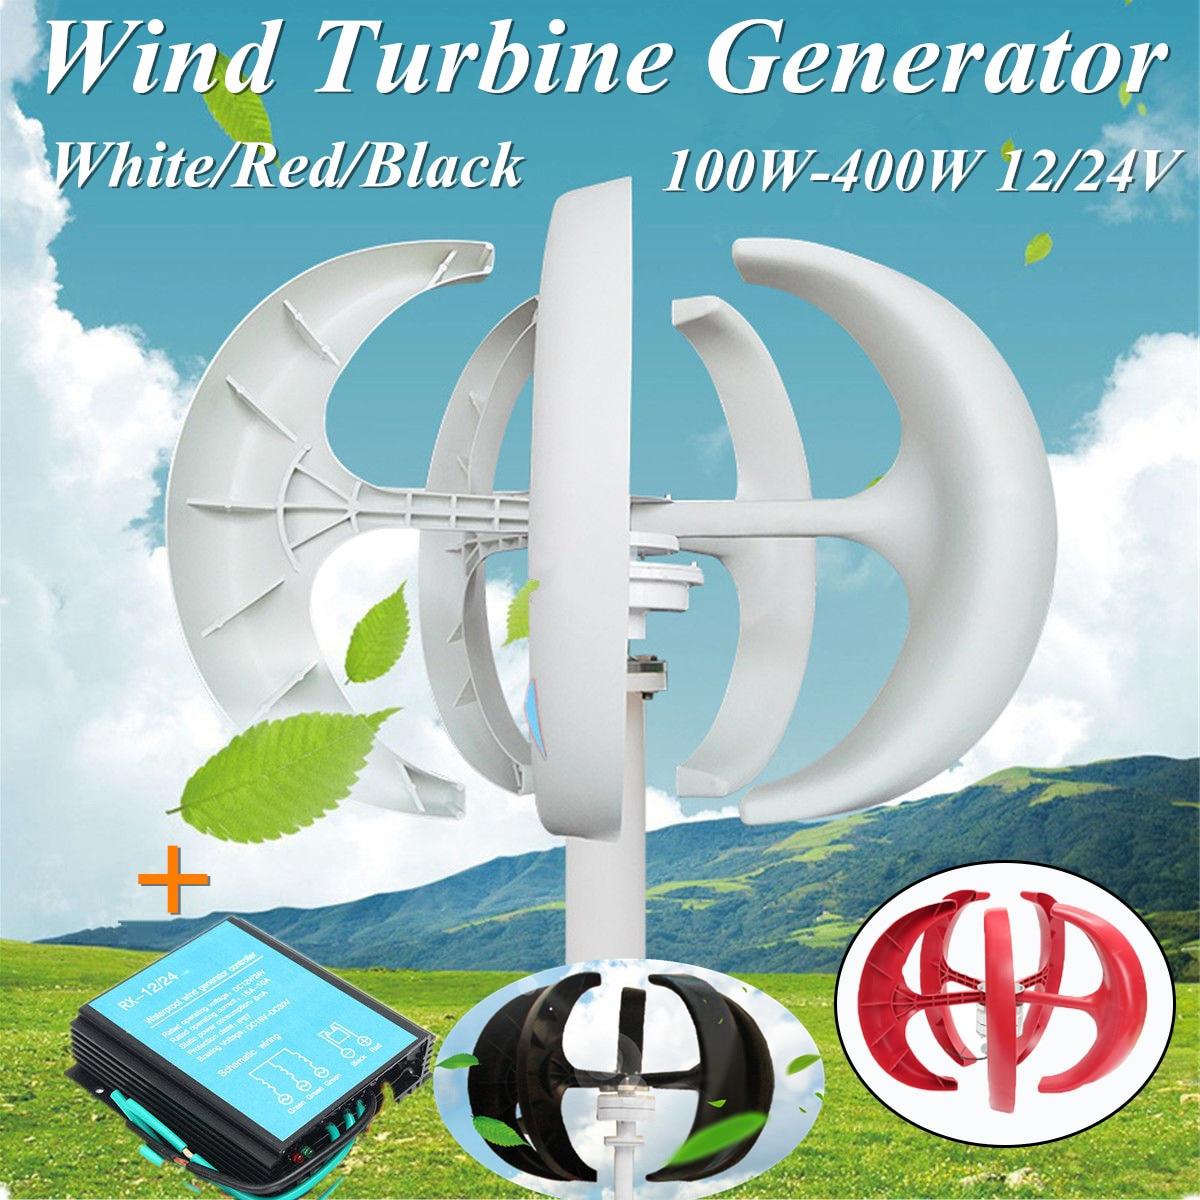 100W 200W 300W 400W Wind Generator Lantern 12V 24V 5 Blades Permanent Magnet Generator T urb ine + 600W Wind Controller 24V 100w 200w 300w 400w lantern wind turbine generator dc 12v 24v wind power permanent magnet generator 600w wind energy controller